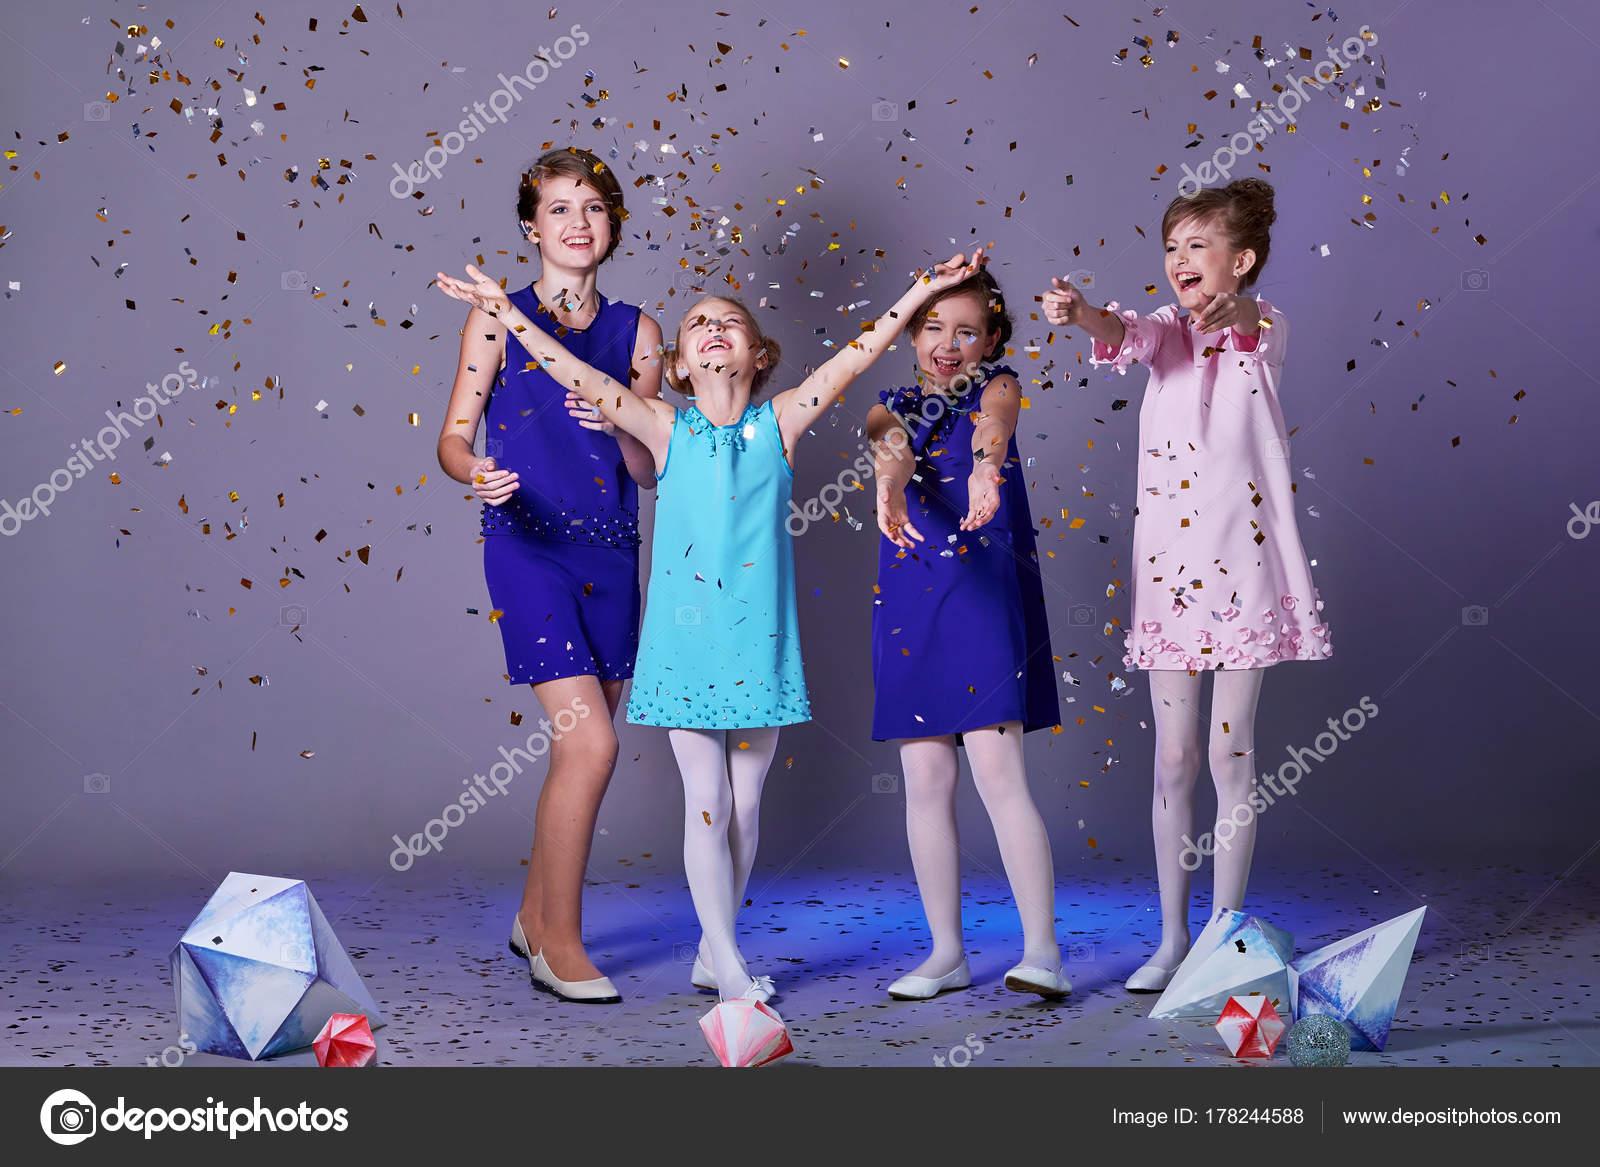 Grupo de niños disfrutando de la fiesta y tirando confeti. Fotos de ...